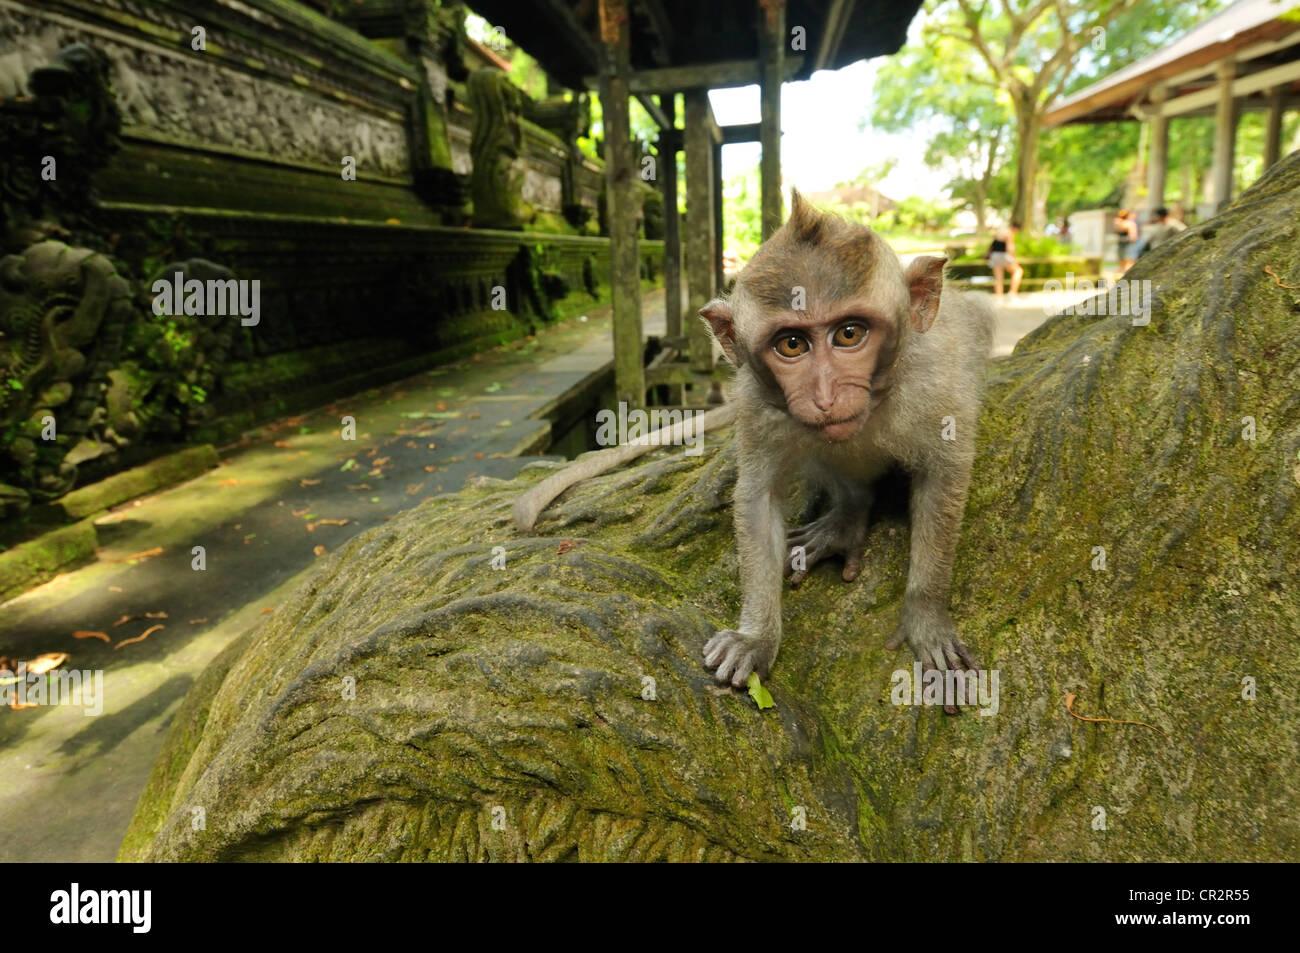 Long-tailed macaque Macaca fascicularis, Cercopithecidae, Ubud Monkey forest, Ubud, Bali, Indonesia, Asia - Stock Image